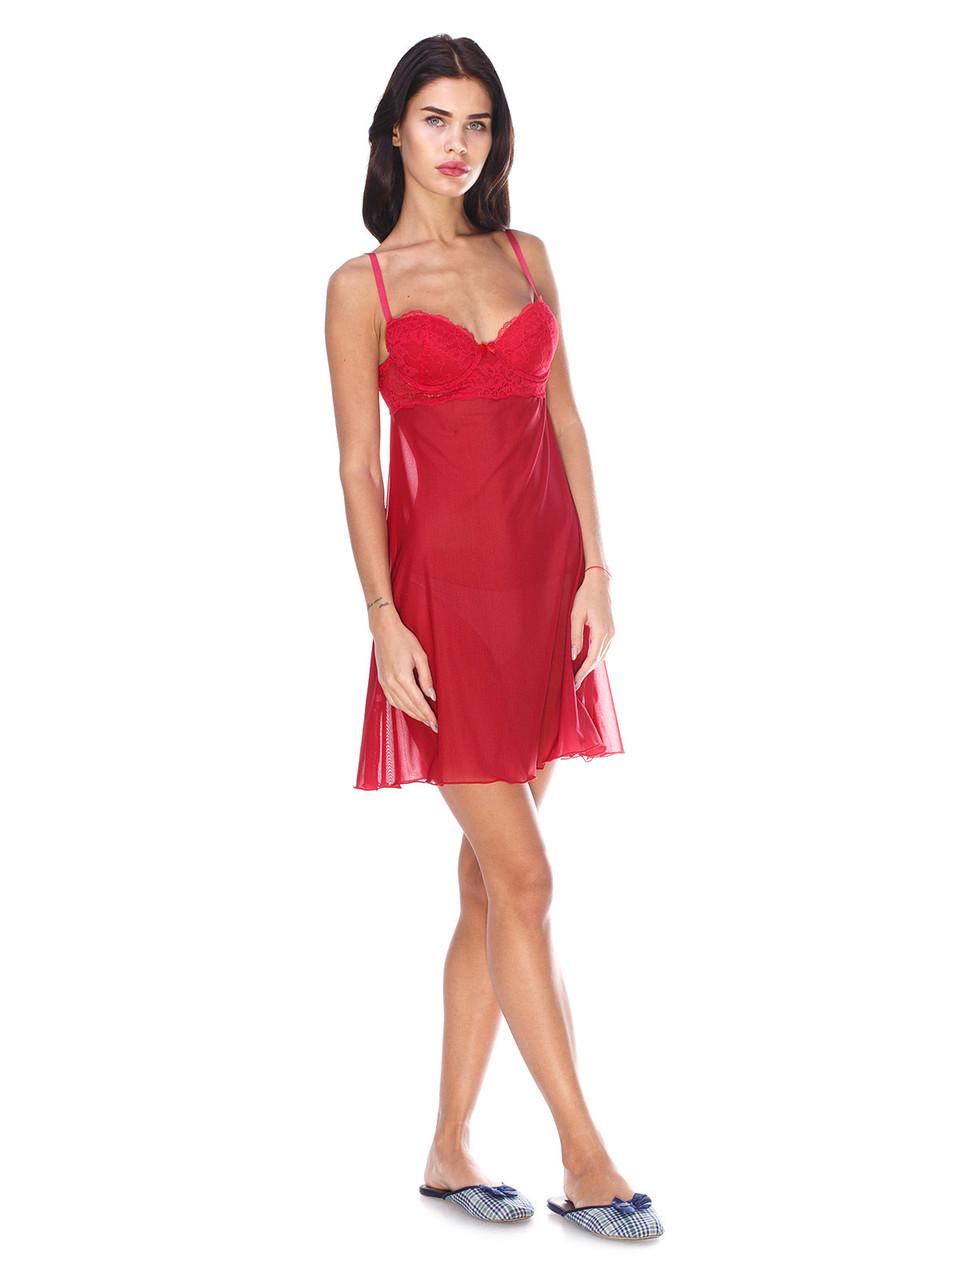 Сорочка Serenade красная сетка с кружевом